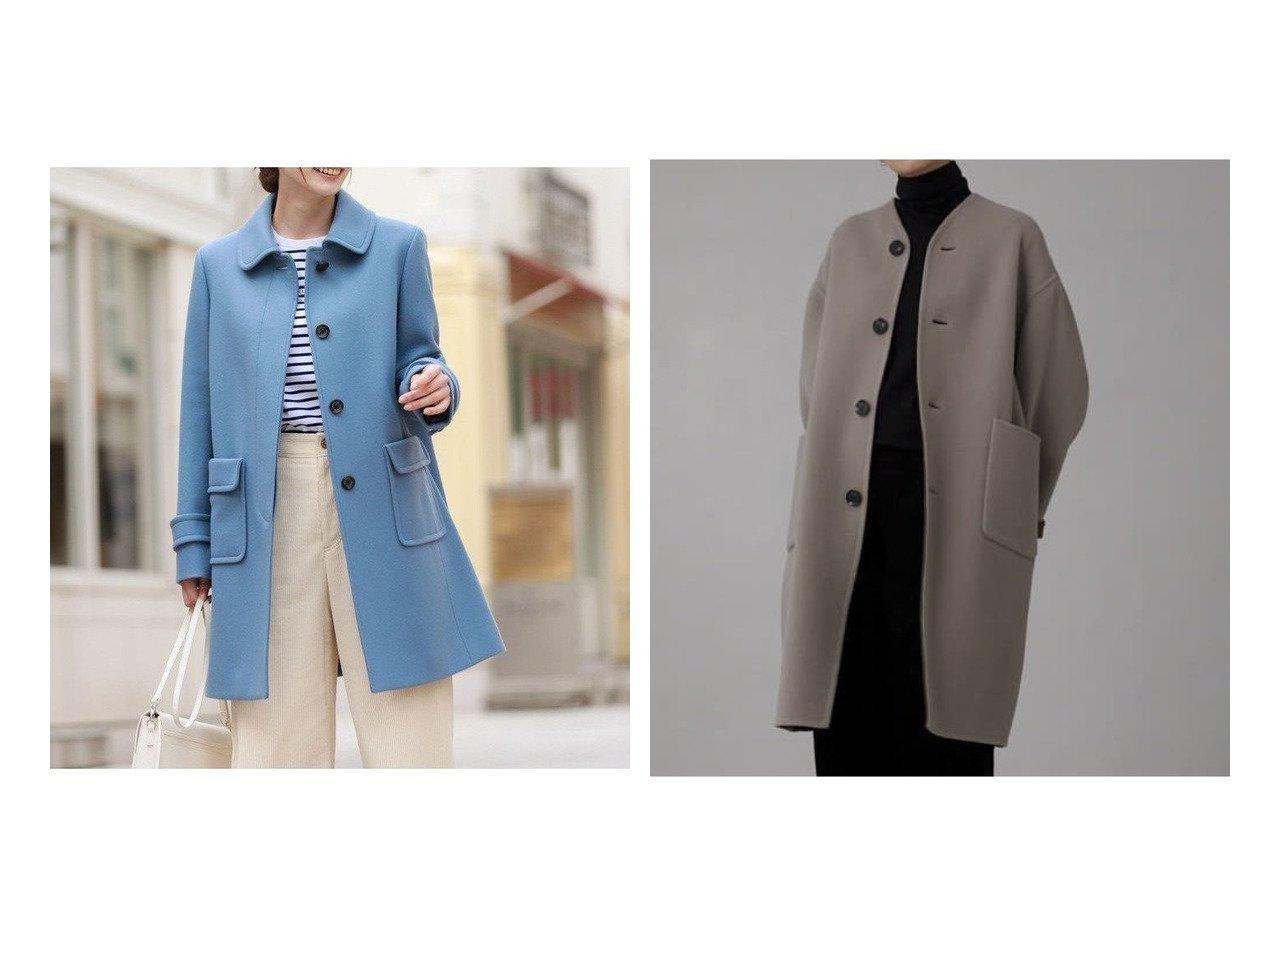 【MACKINTOSH PHILOSOPHY/マッキントッシュ フィロソフィー】のメルトンステンカラーコート&【kagure/かぐれ】のLe GLAZIK REVERSIBLE COAT アウターのおすすめ!人気、レディースファッションの通販 おすすめで人気のファッション通販商品 インテリア・家具・キッズファッション・メンズファッション・レディースファッション・服の通販 founy(ファニー) https://founy.com/ ファッション Fashion レディース WOMEN アウター Coat Outerwear コート Coats ジャケット Jackets ノーカラージャケット No Collar Leather Jackets カシミヤ コンパクト ショール フェミニン メルトン 人気 定番 ジャケット フランス ポケット ワイド  ID:crp329100000001662